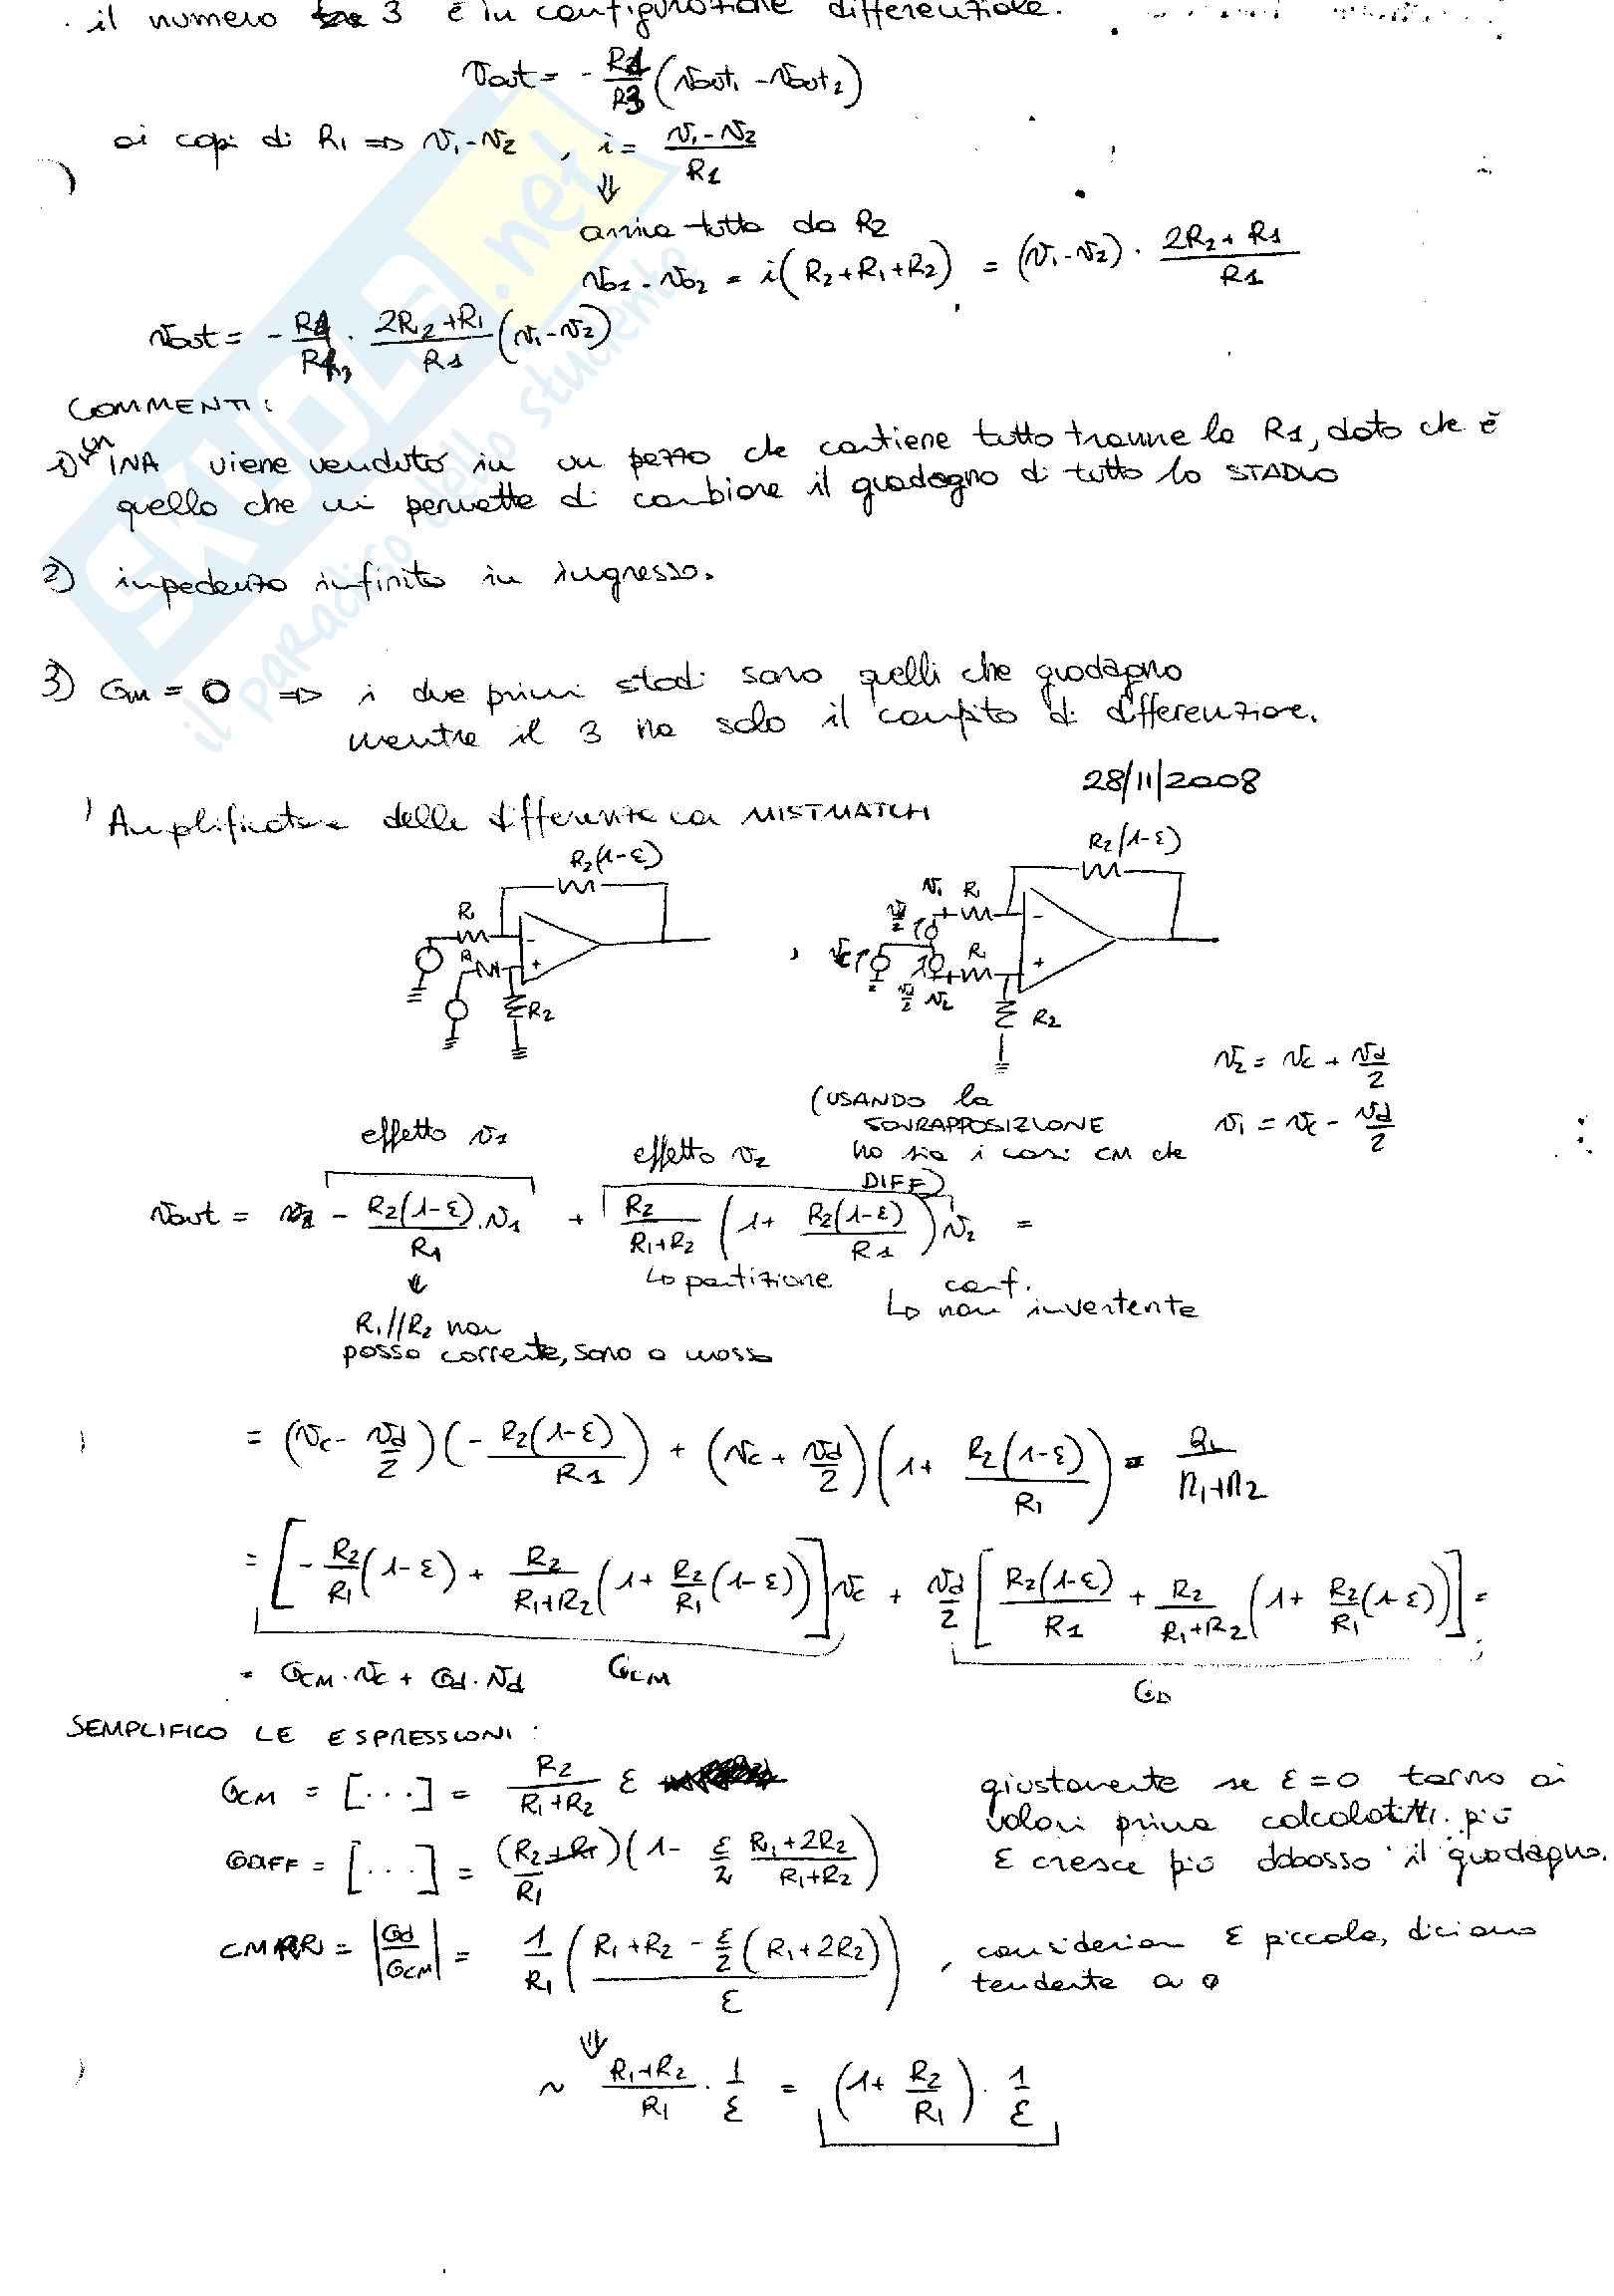 Fondamenti Di Elettronica Guazzoni Pag. 71